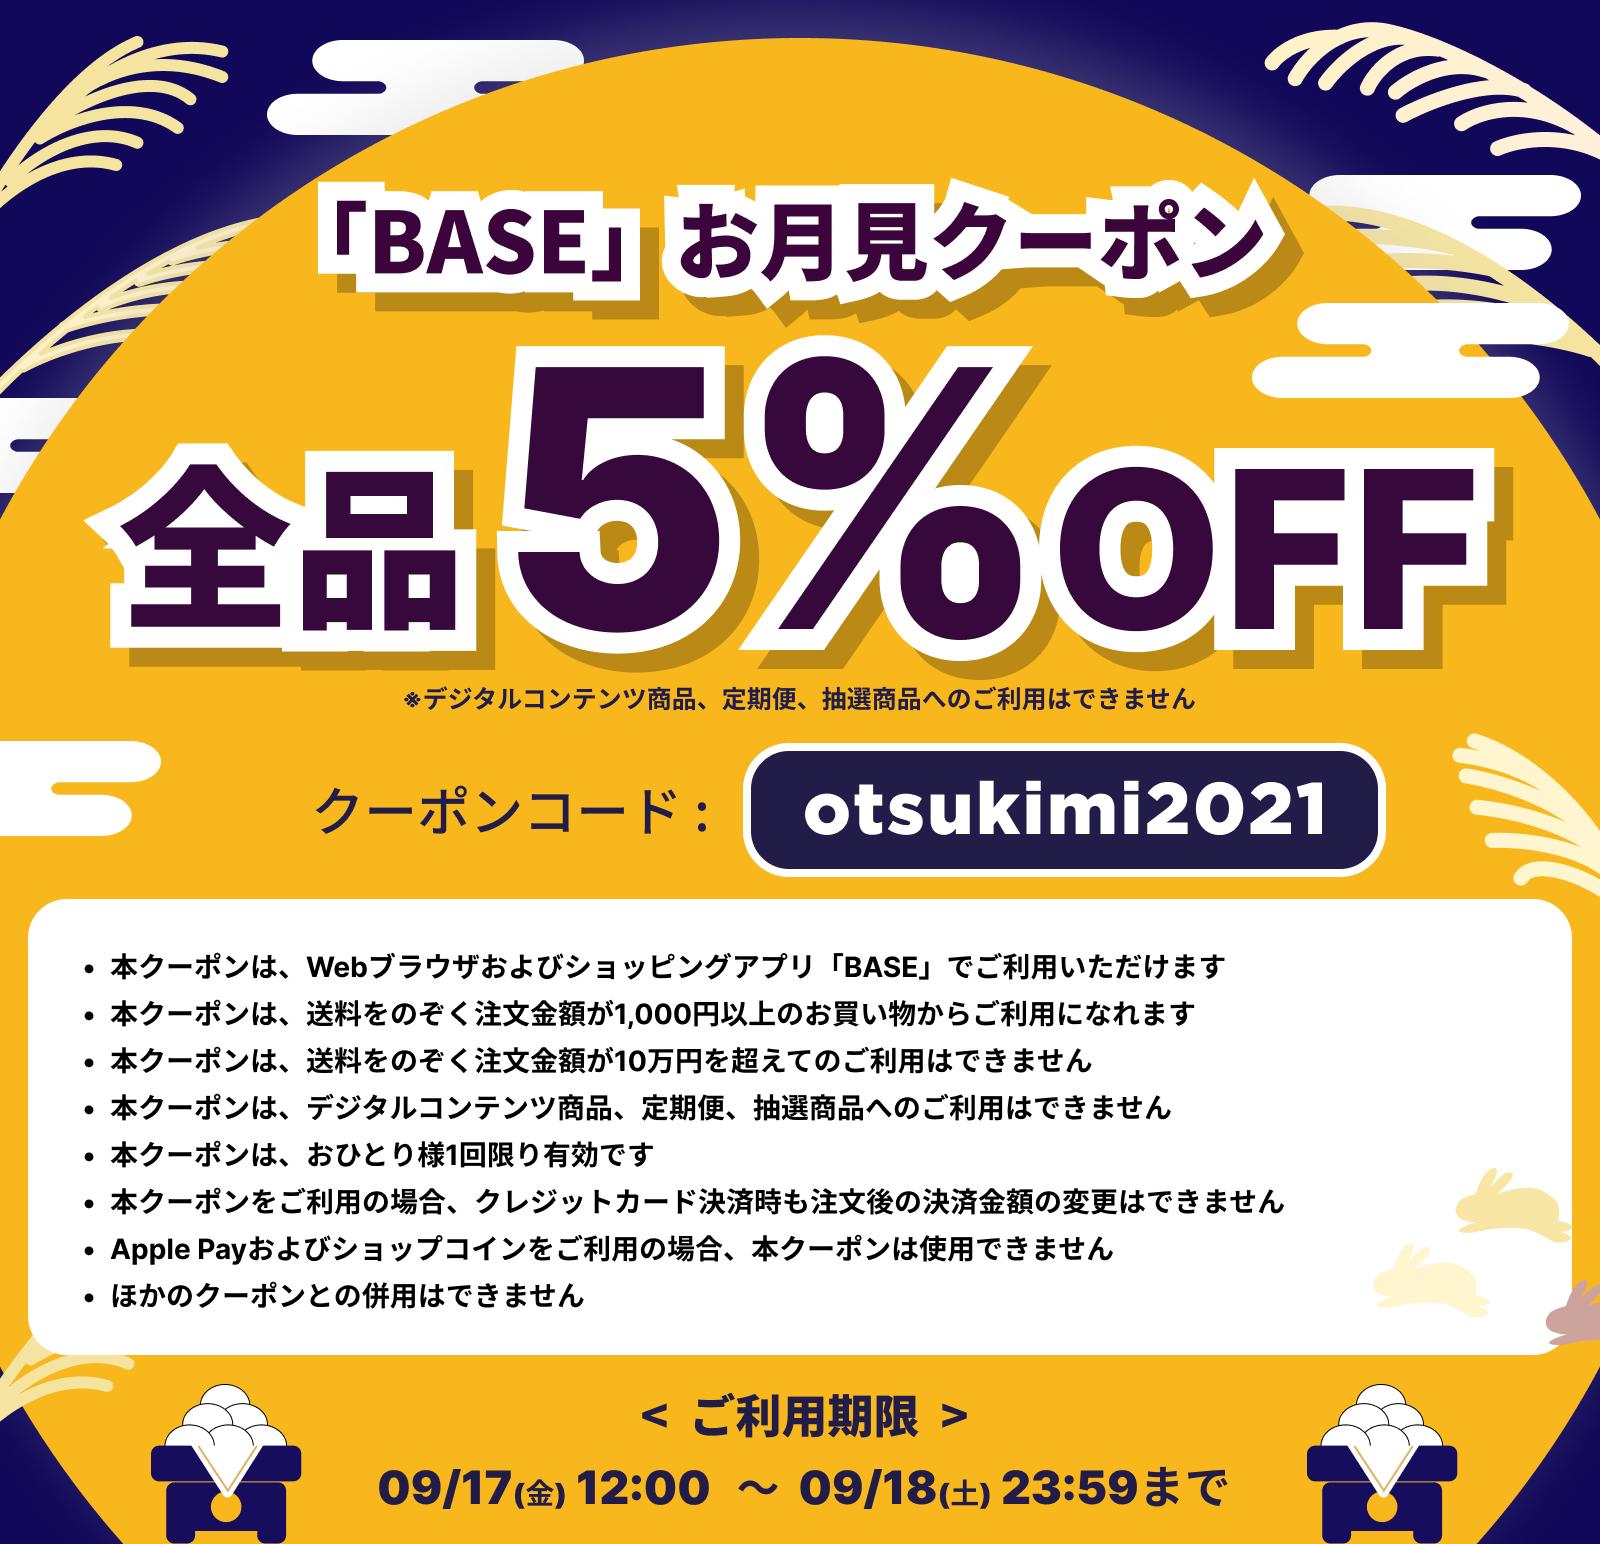 9/17~9/18 ショッピングアプリ「BASE」で使える5%OFFクーポン配布